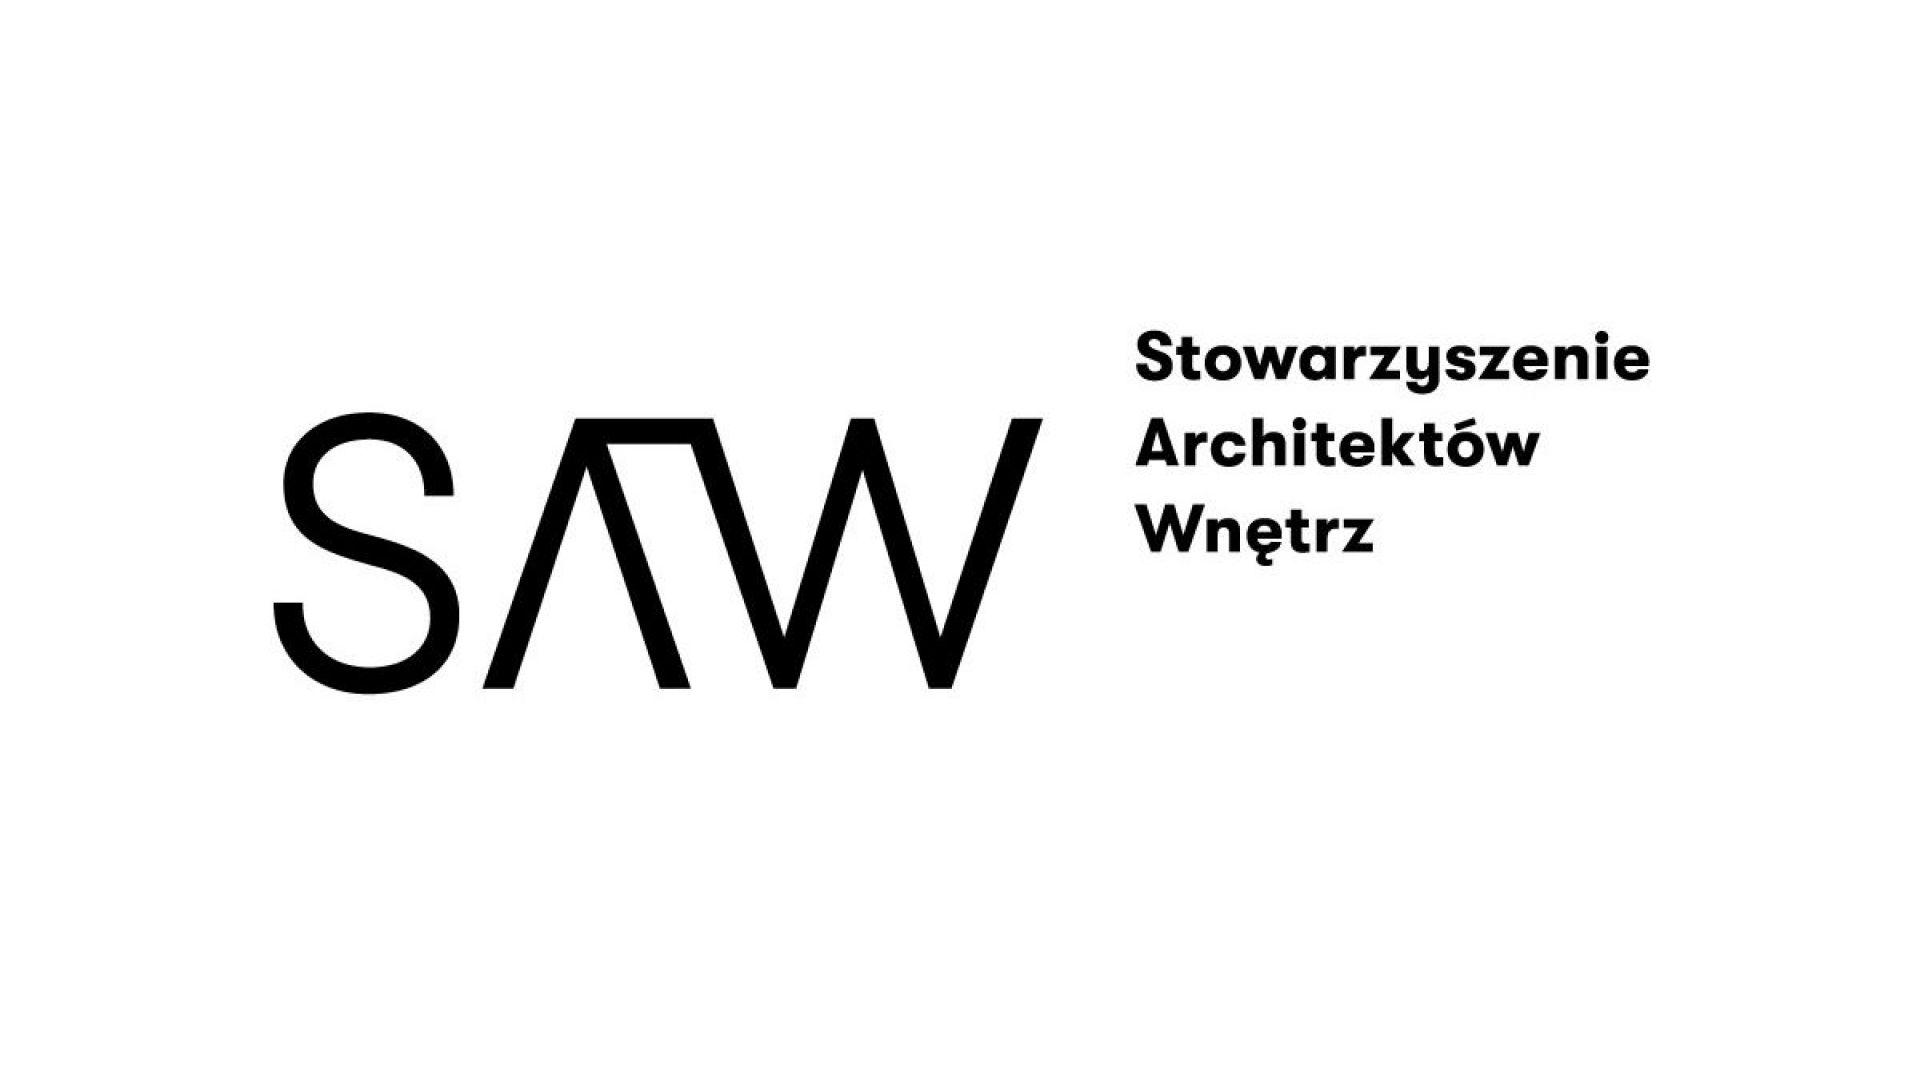 SAW_znak_pole_ochronne_www-ok.jpg